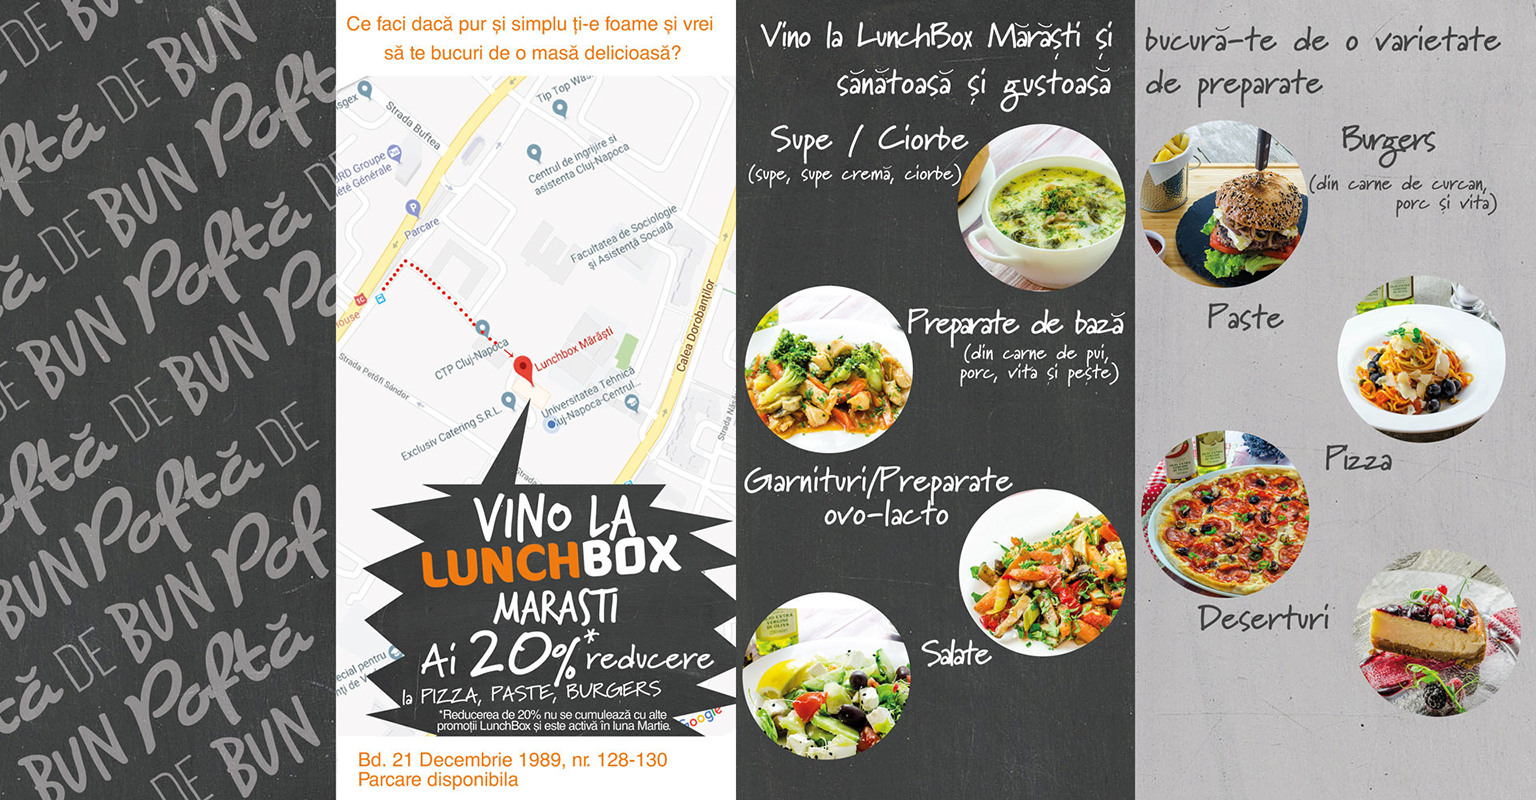 Burgeri, pizza si paste - vedetele lunii Martie la Lunchbox Marasti (2)